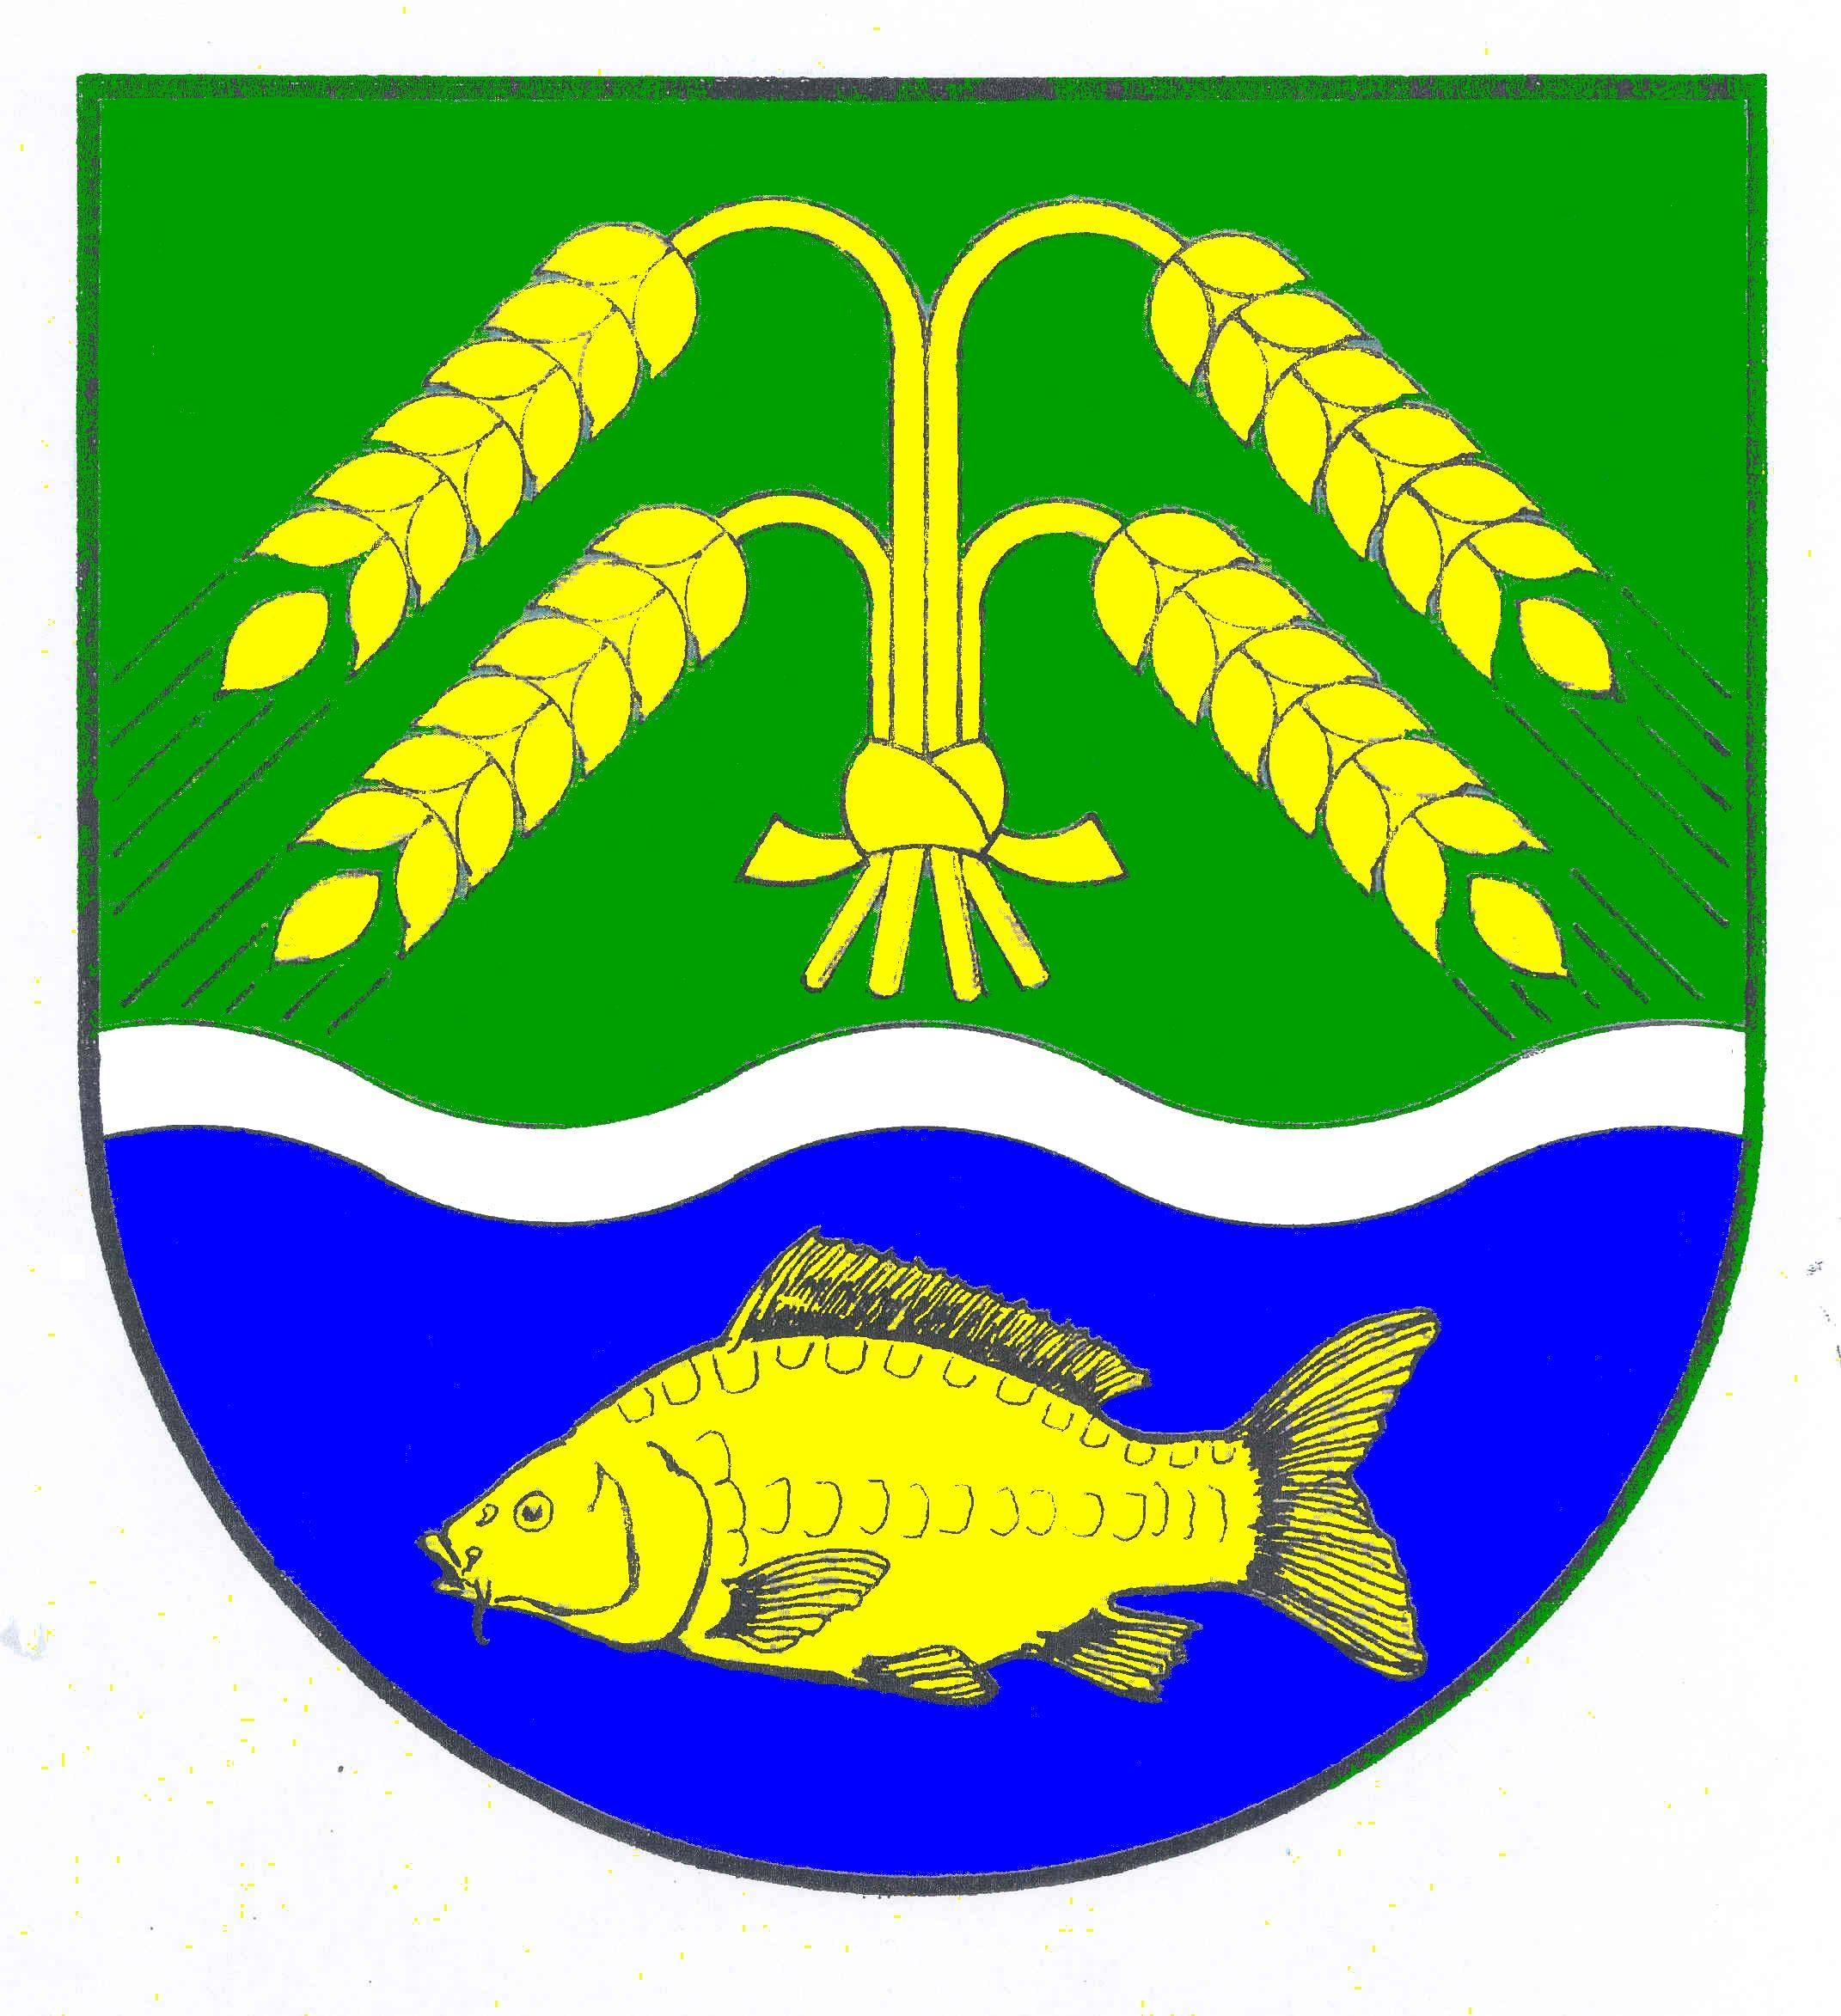 Wappen GemeindeWesterau, Kreis Stormarn